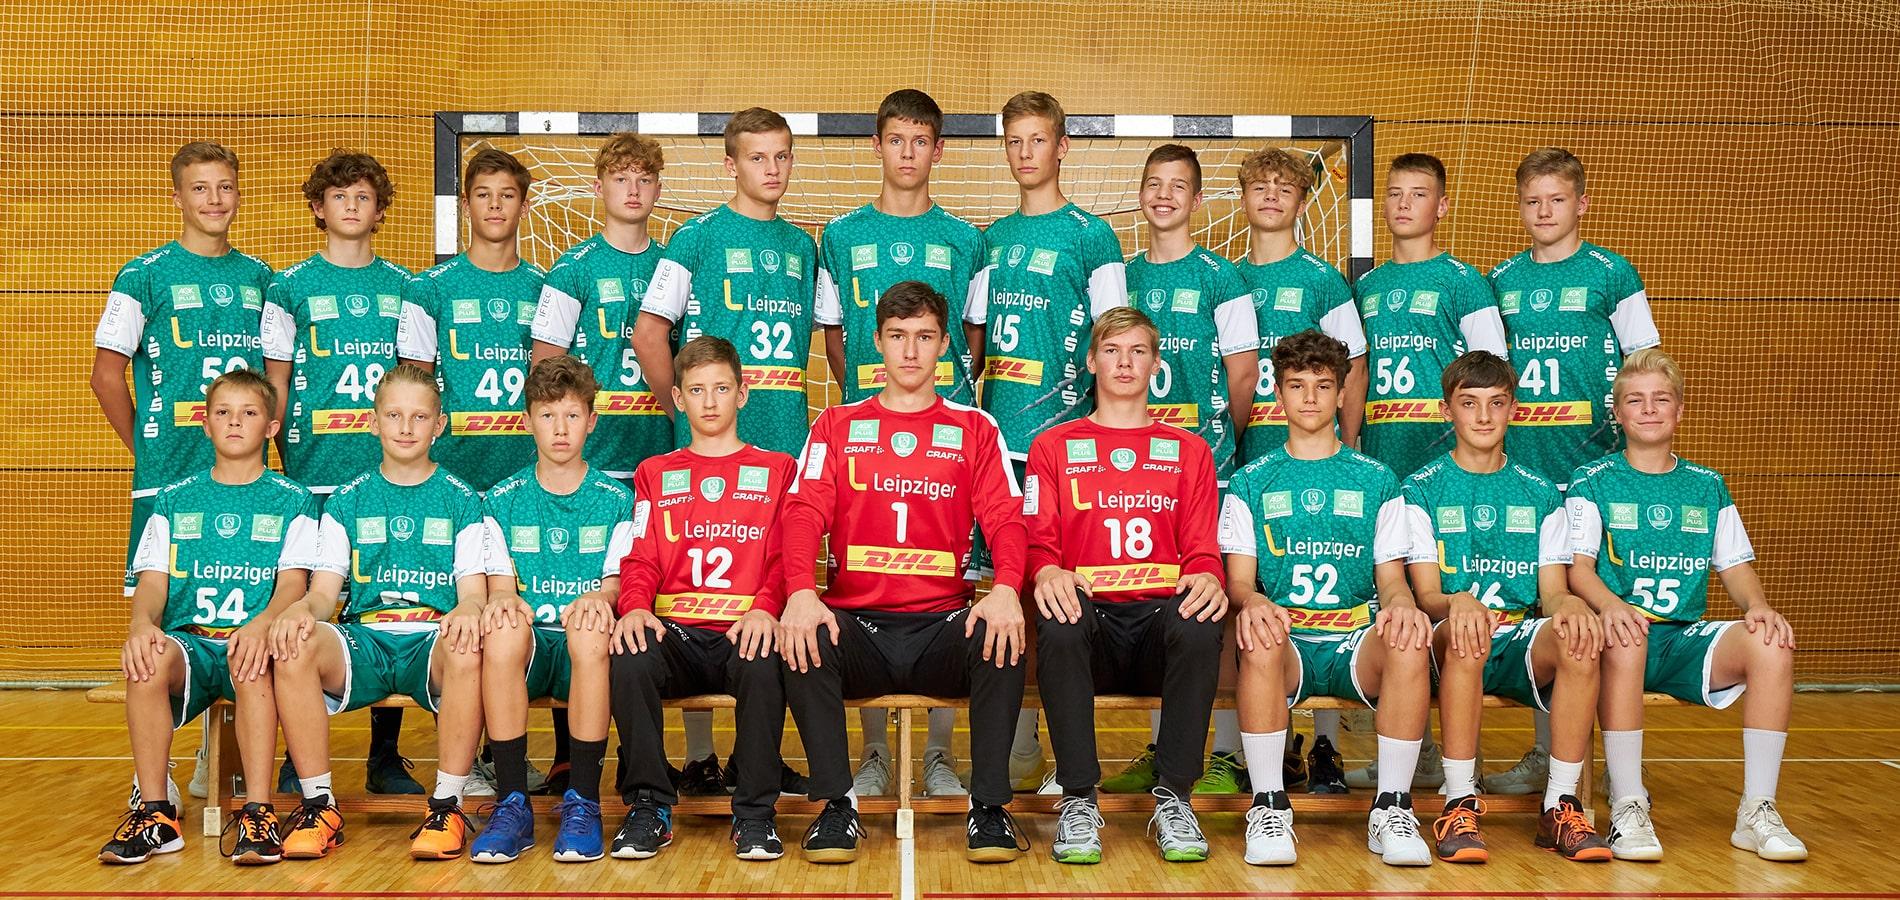 Das Team der C-Jugend